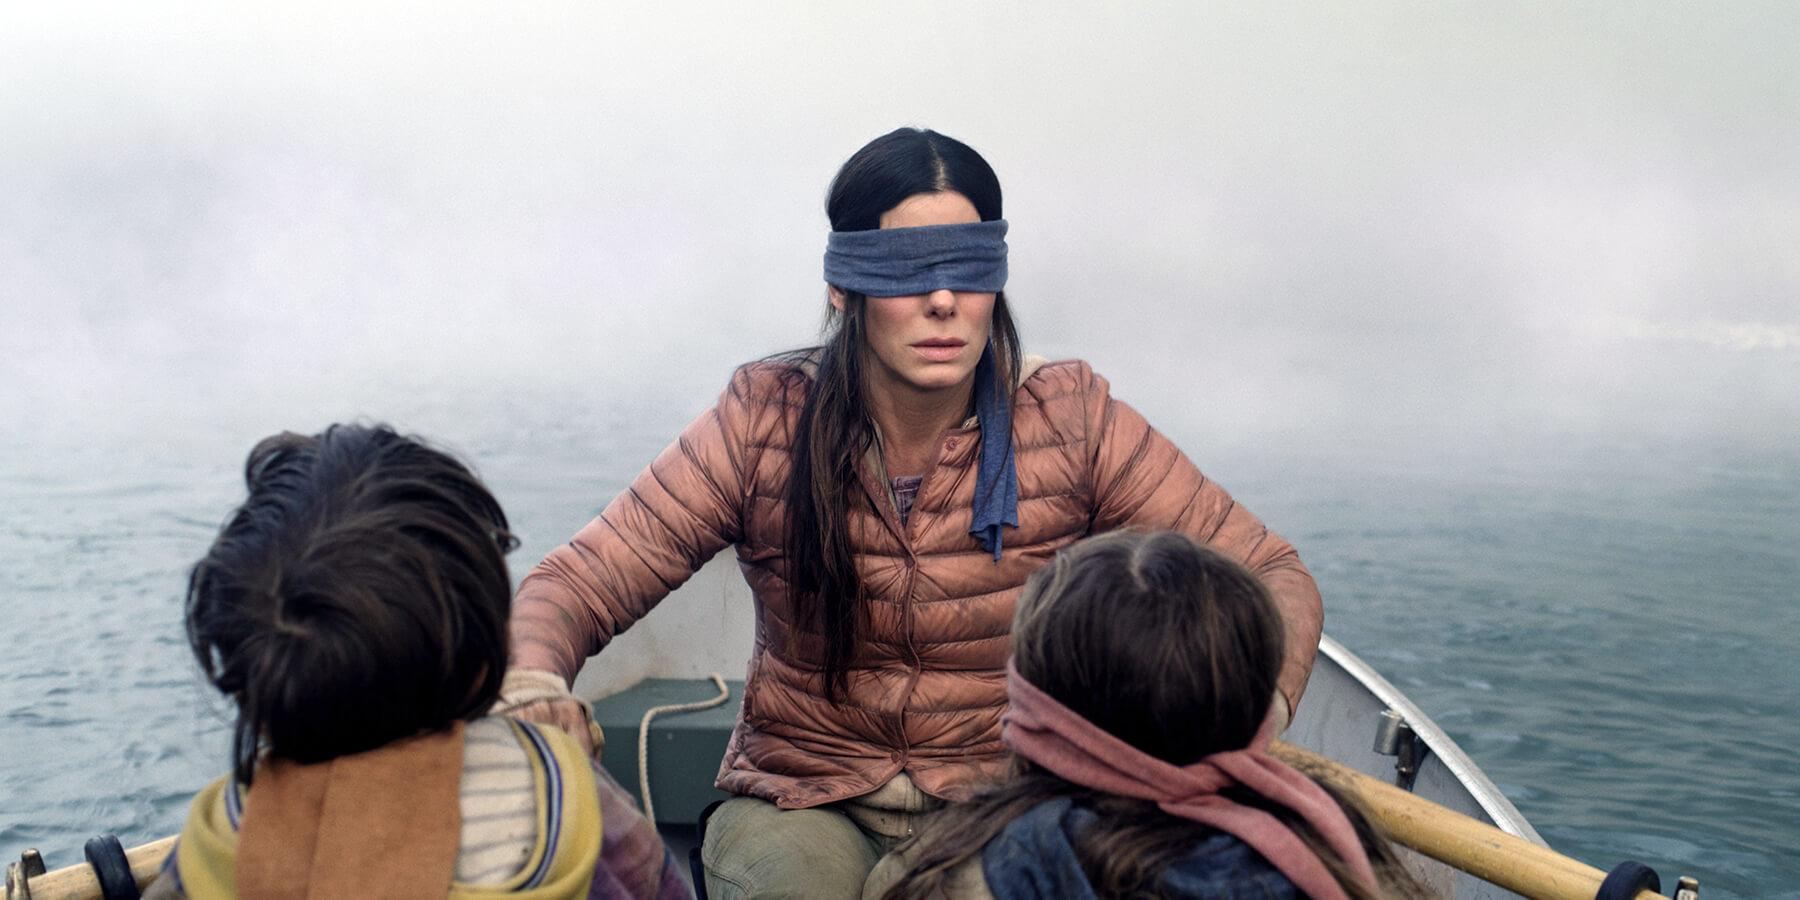 珊卓布拉克在《蒙上你的眼》的劇照